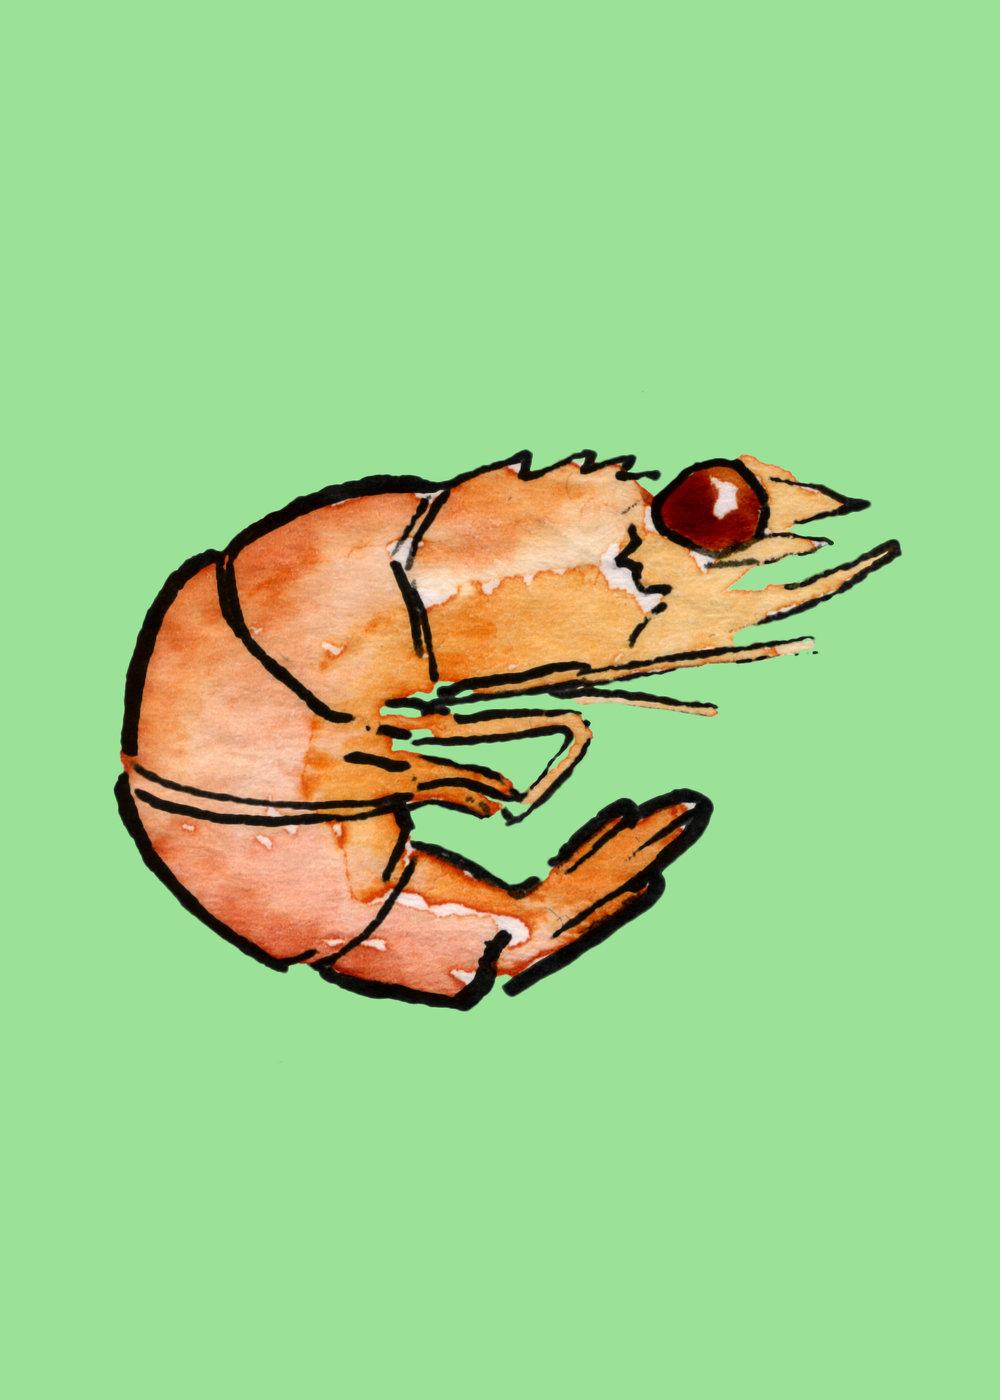 14_Shrimp_PANTONE 2267 C.jpg